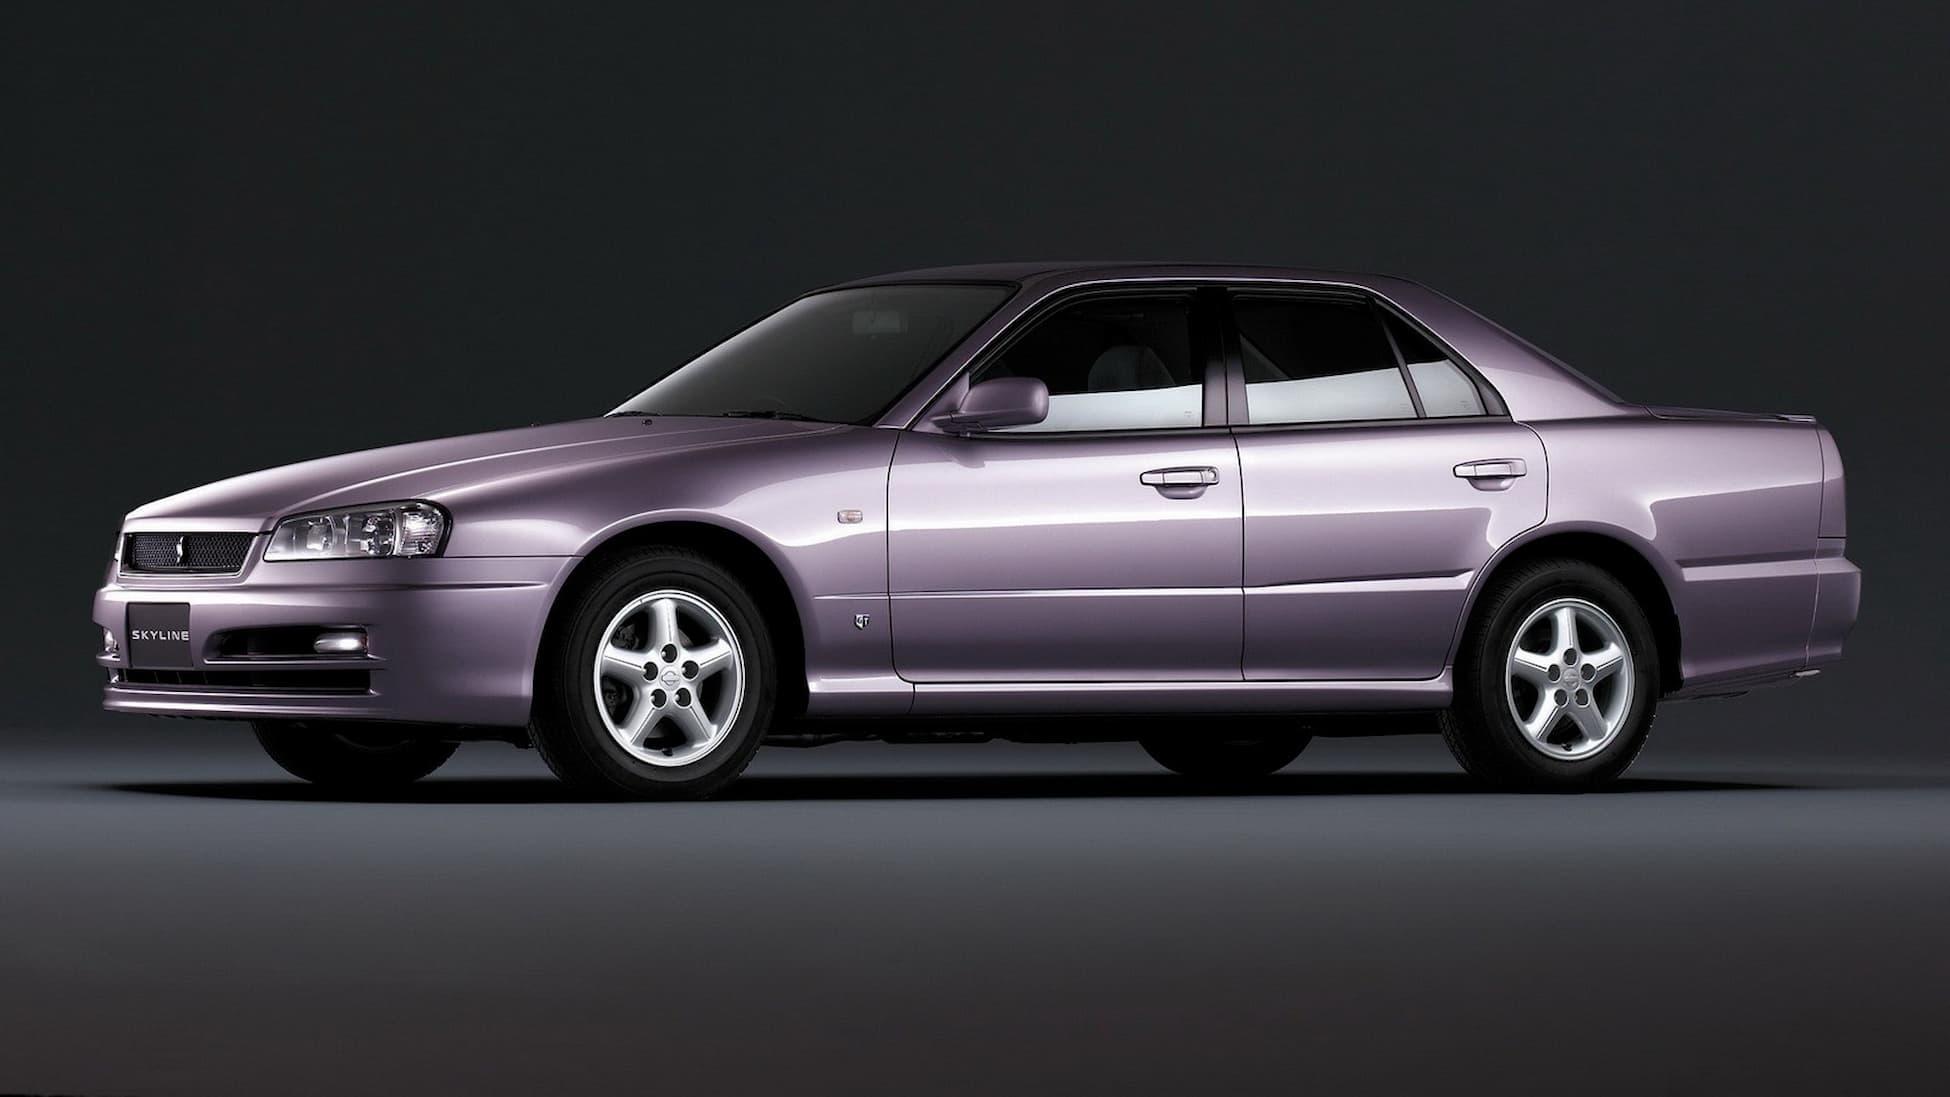 nissan skyline 25gt x turbo sedan r34 051998 082000